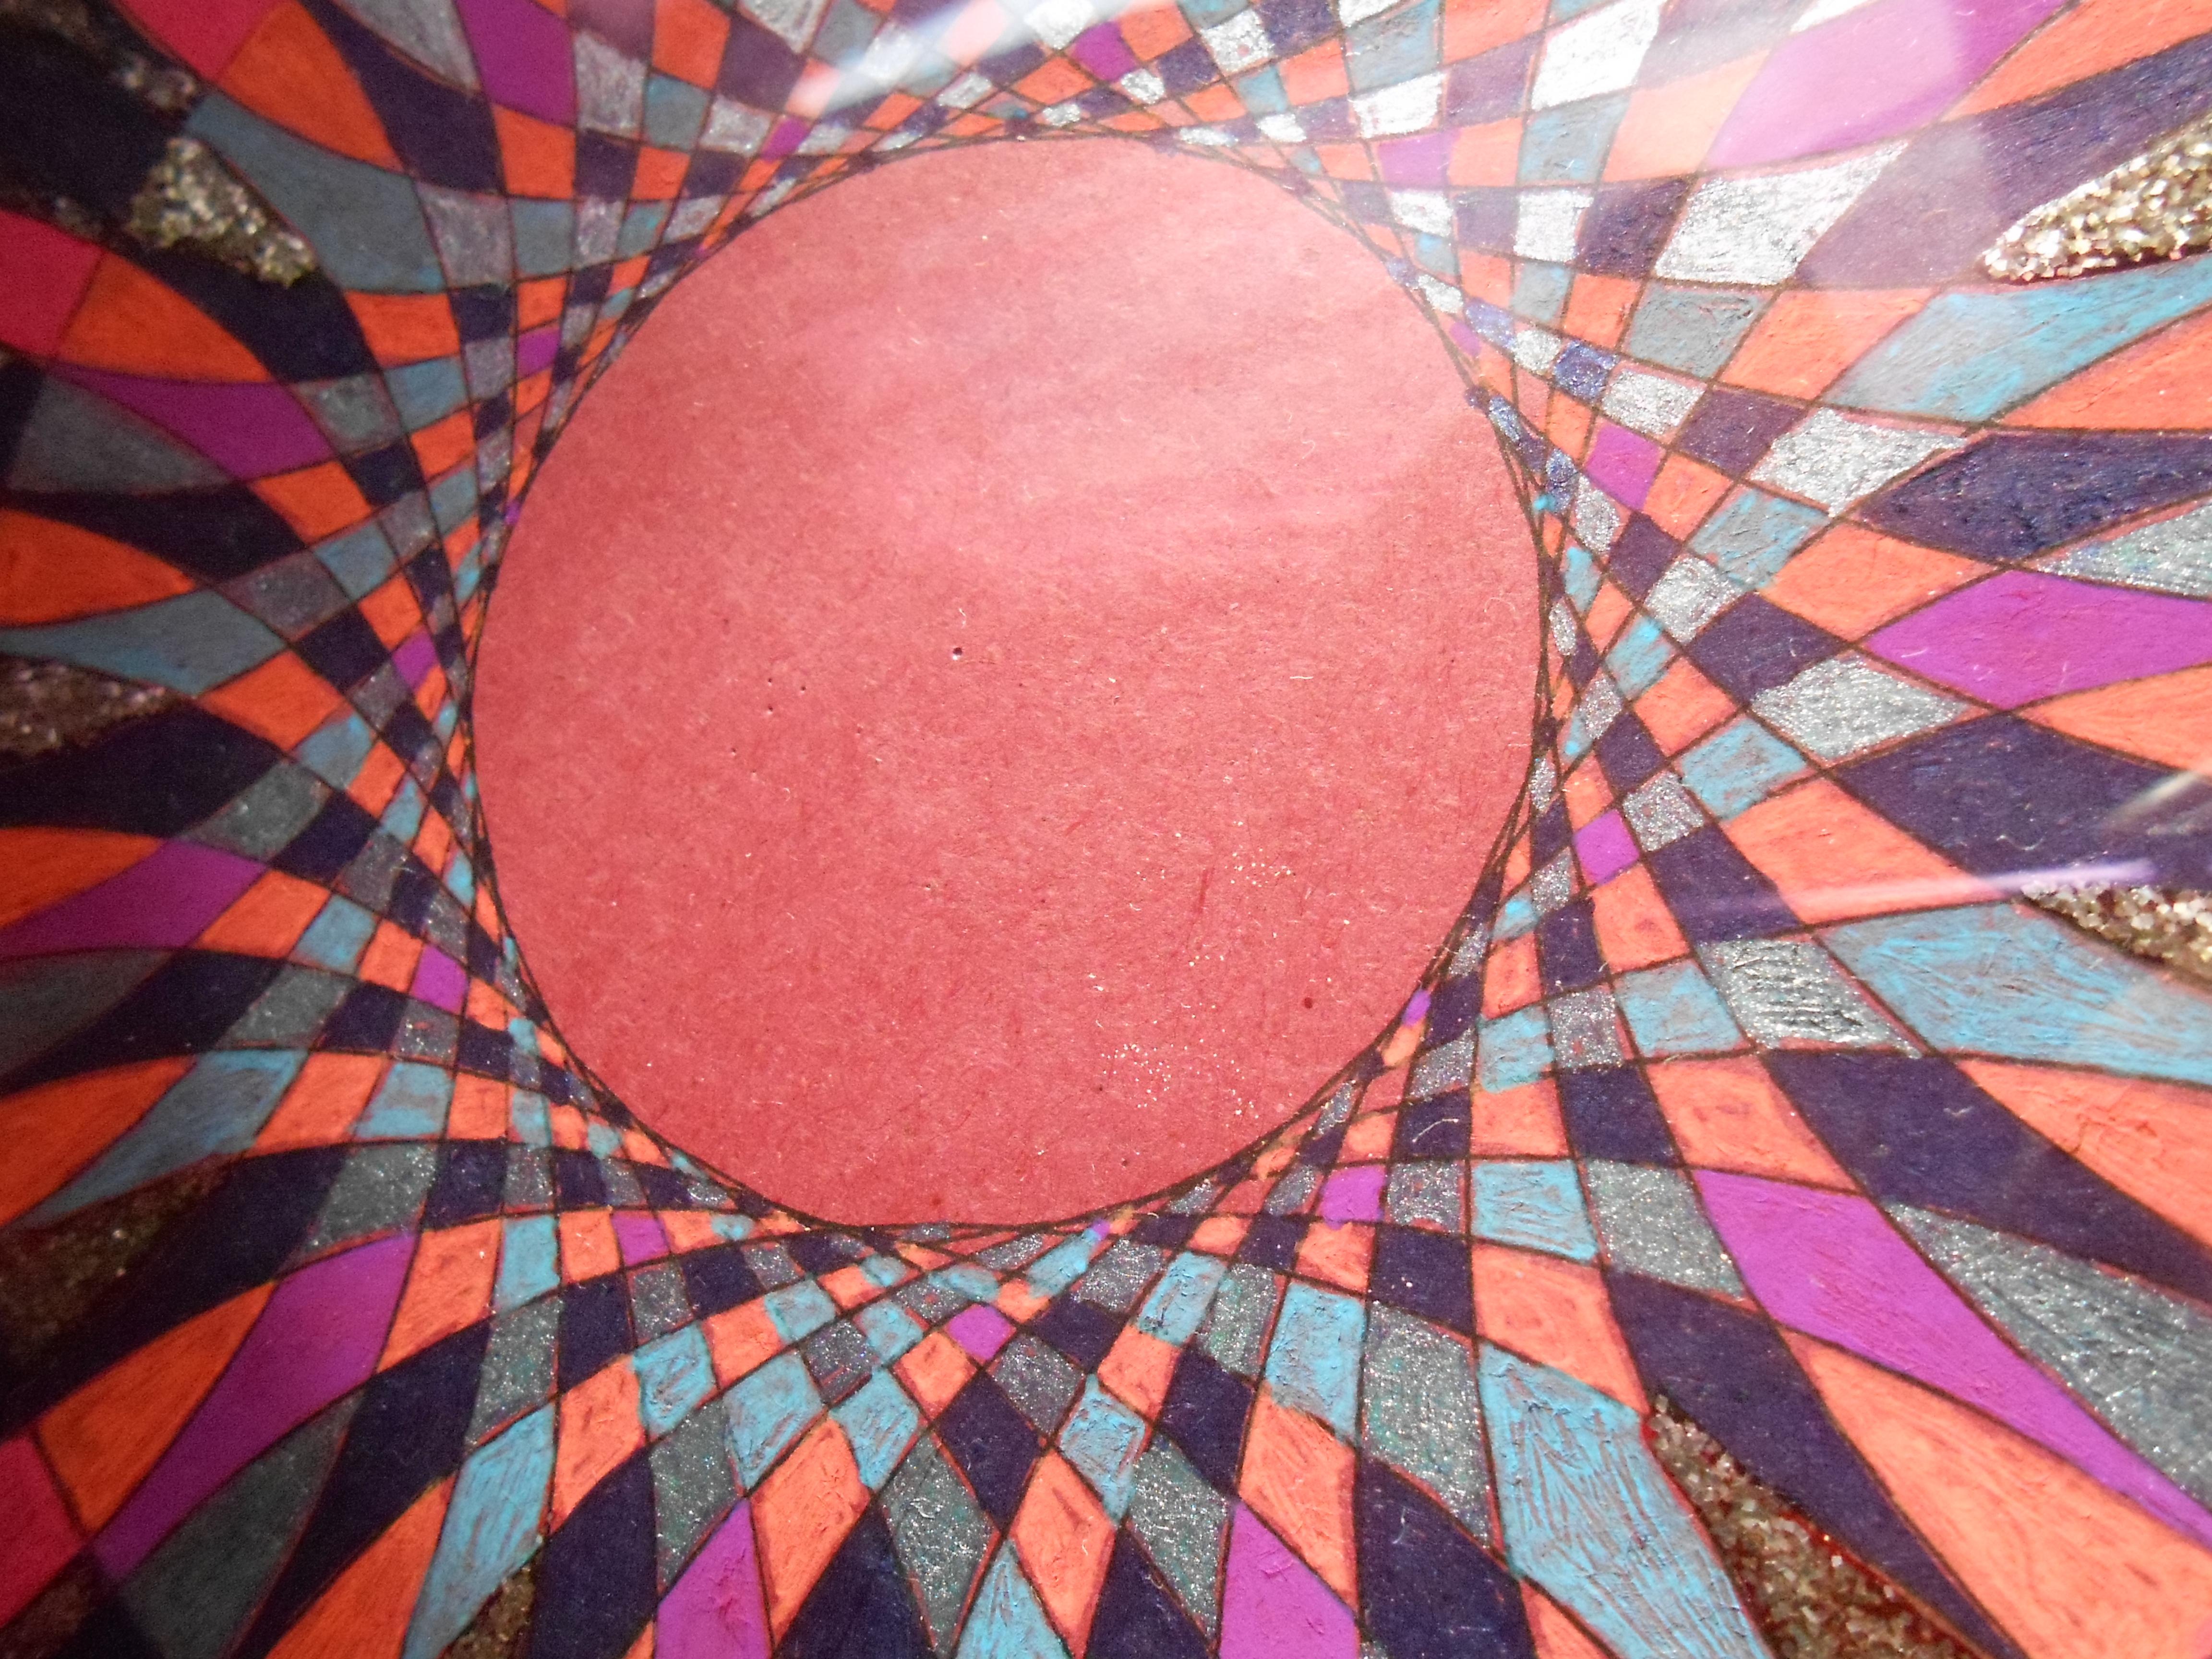 Blog de mimipalitaf : mimimickeydumont : mes mandalas au compas, le plus grand ovni de l'histoire vu par des milliers de gens... Phoenix en Arizona grand de 1500m